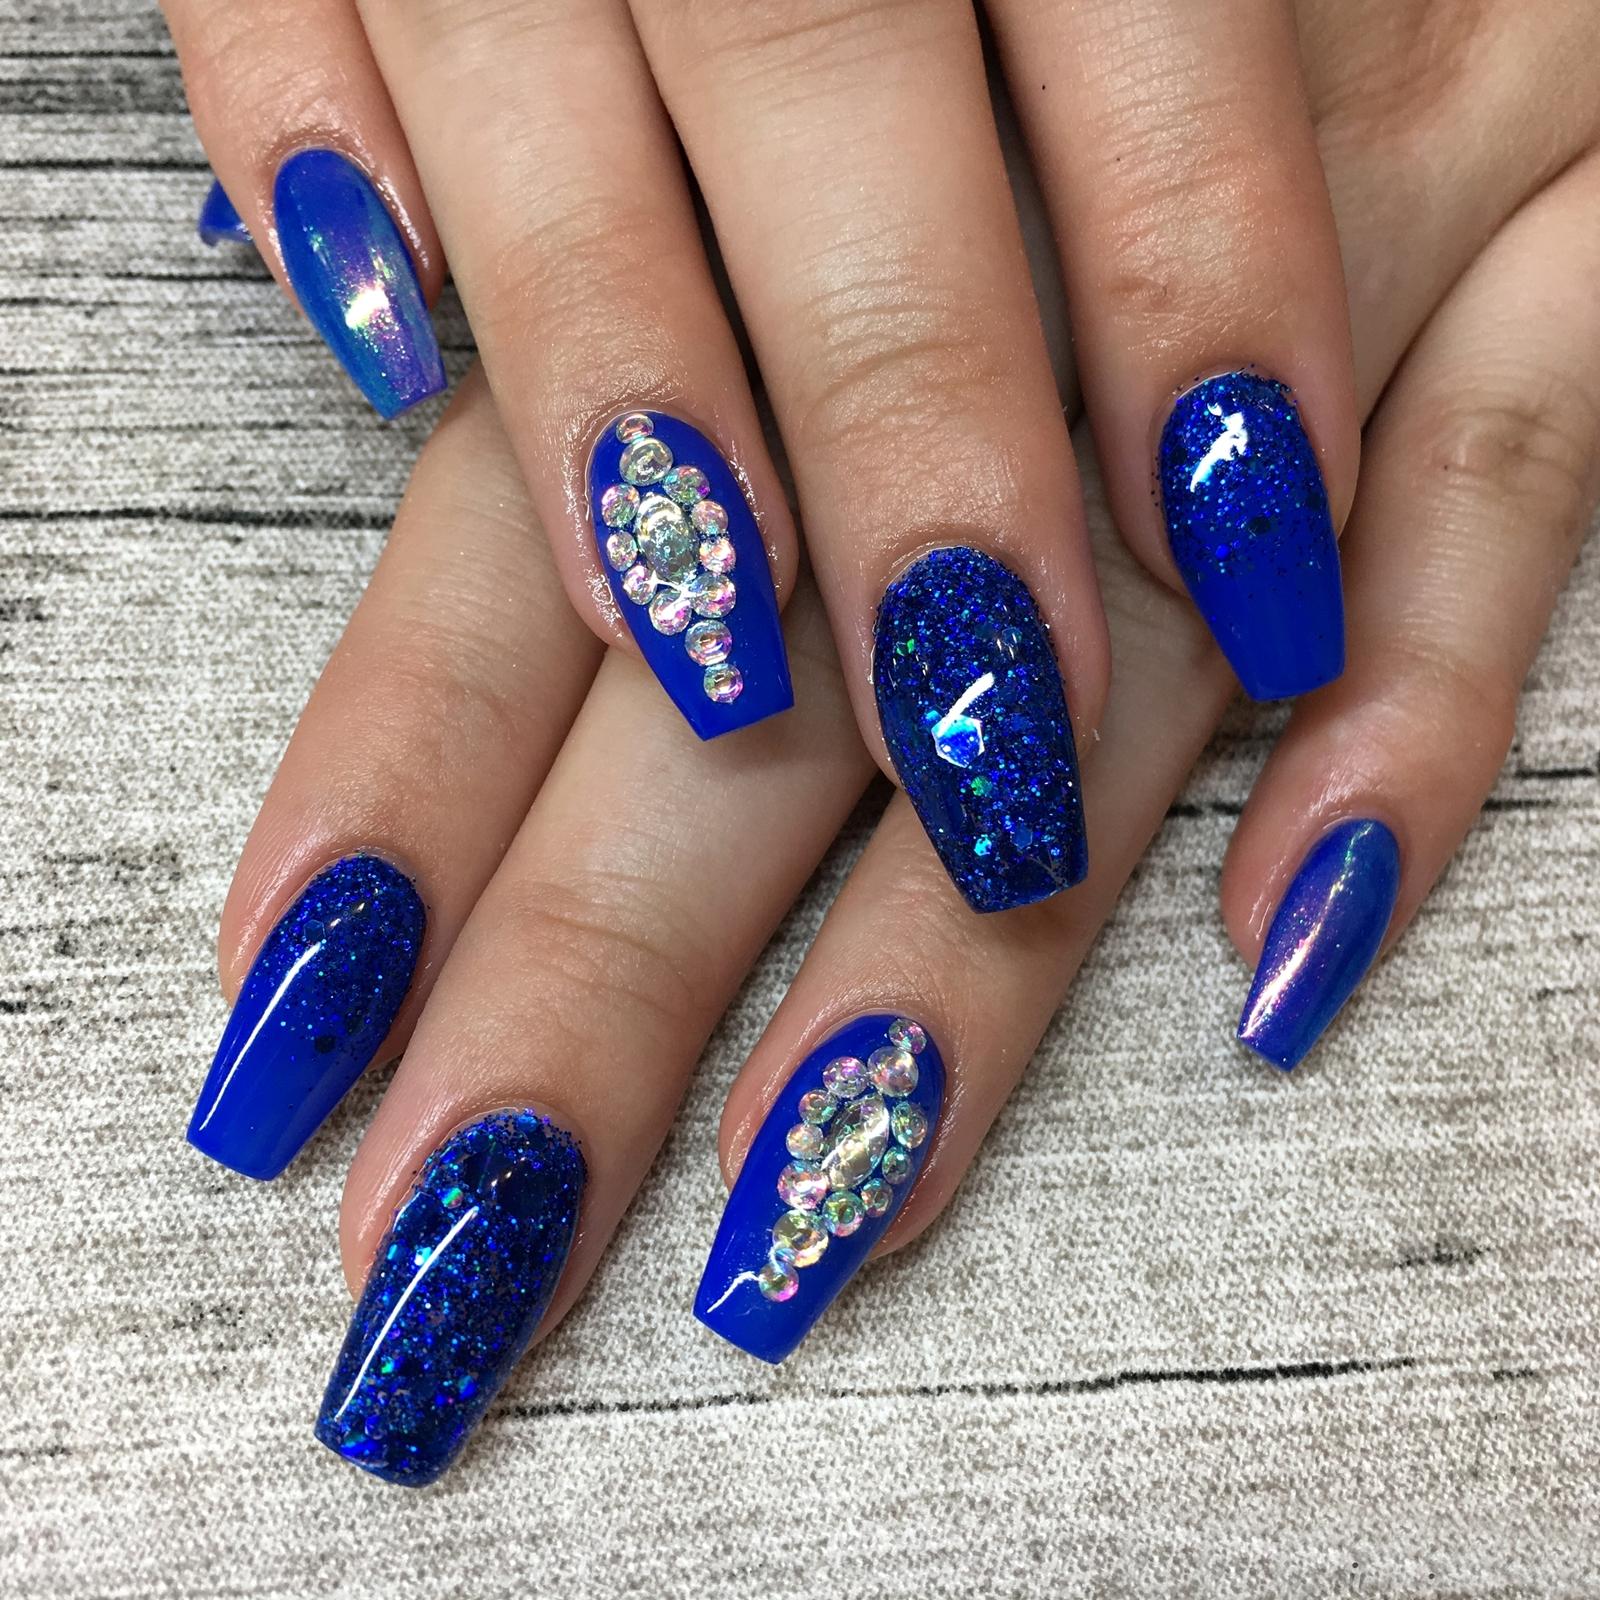 Nail Art Inspiration Spring Summer - Nageldesign für den Sommer - Nageldesign mit blauen Glitzer und Strasssteinchen - Nägel auffällig gestalten - Fashionladyloves by Tamara Wagner